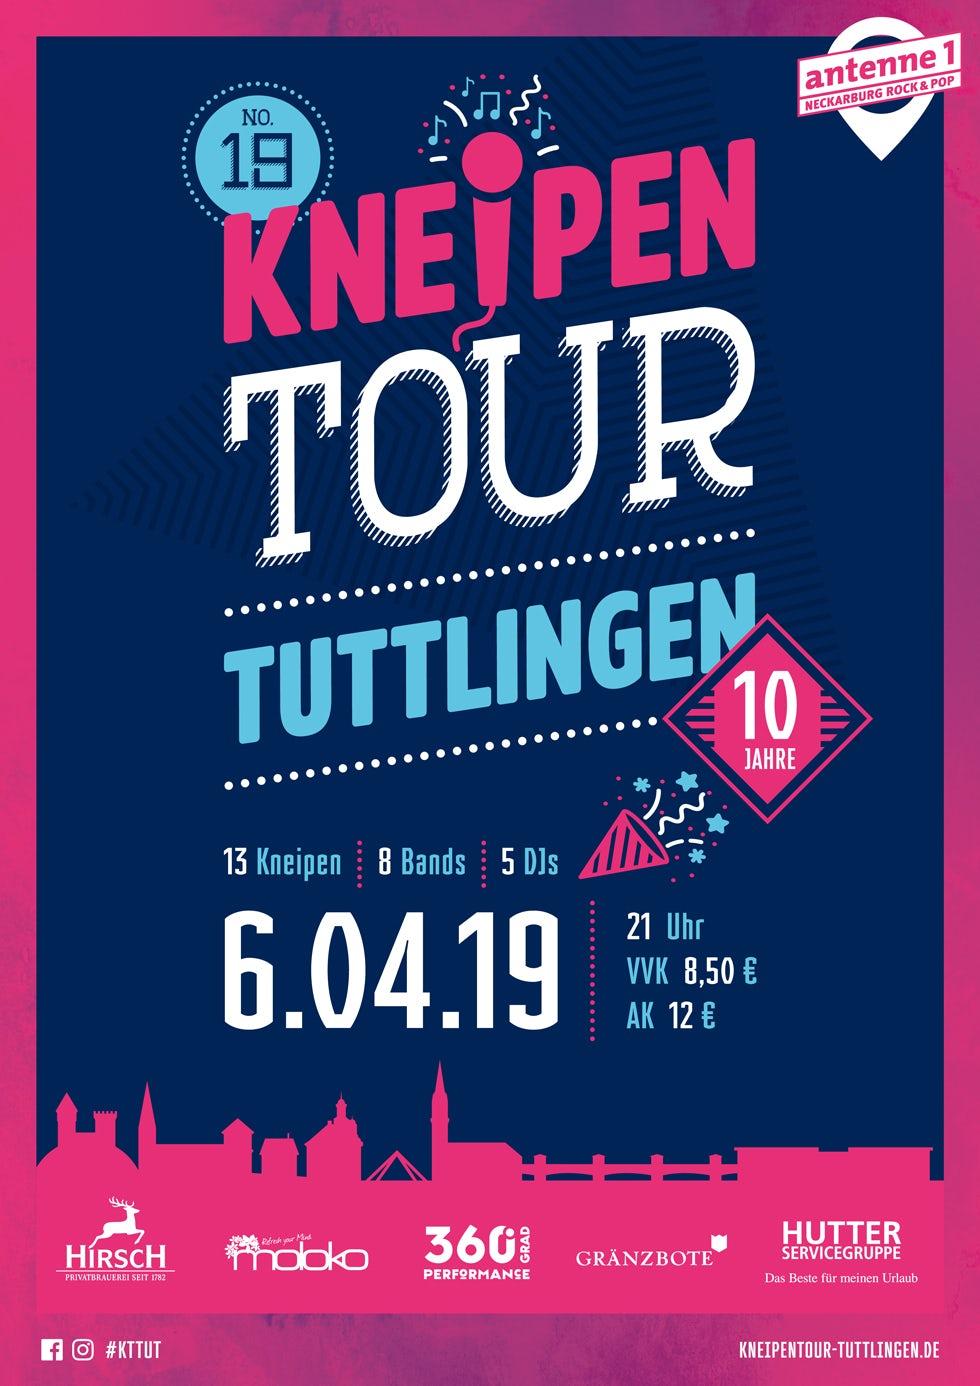 Die Tuttlinger Kneipentour